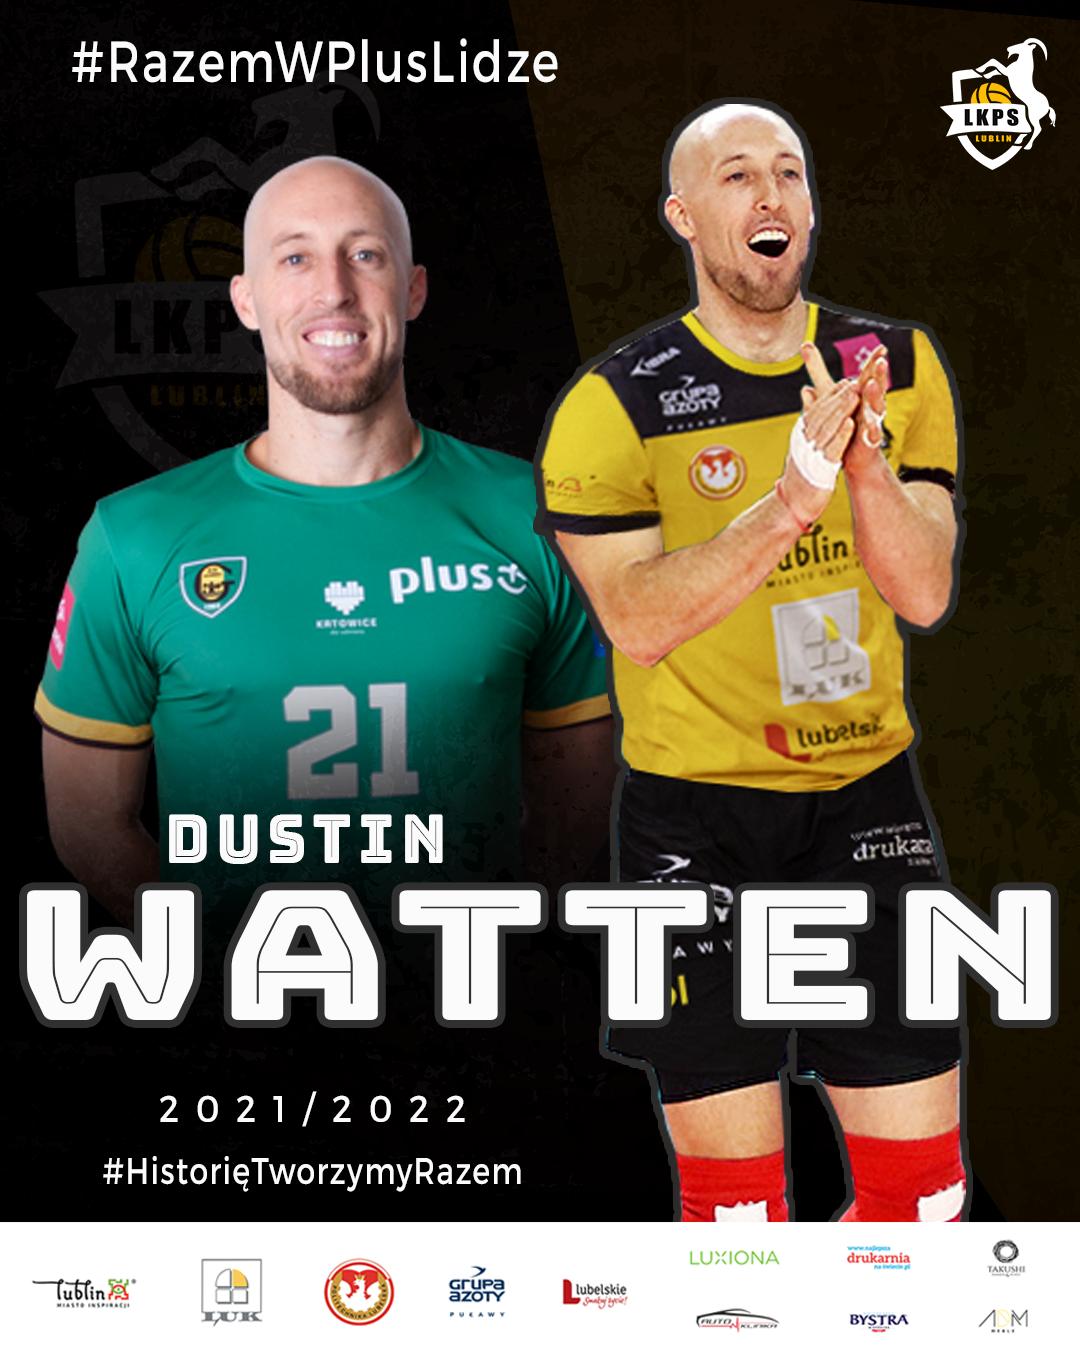 Dustin Watten hitem transferowym LUK Politechniki Lublin